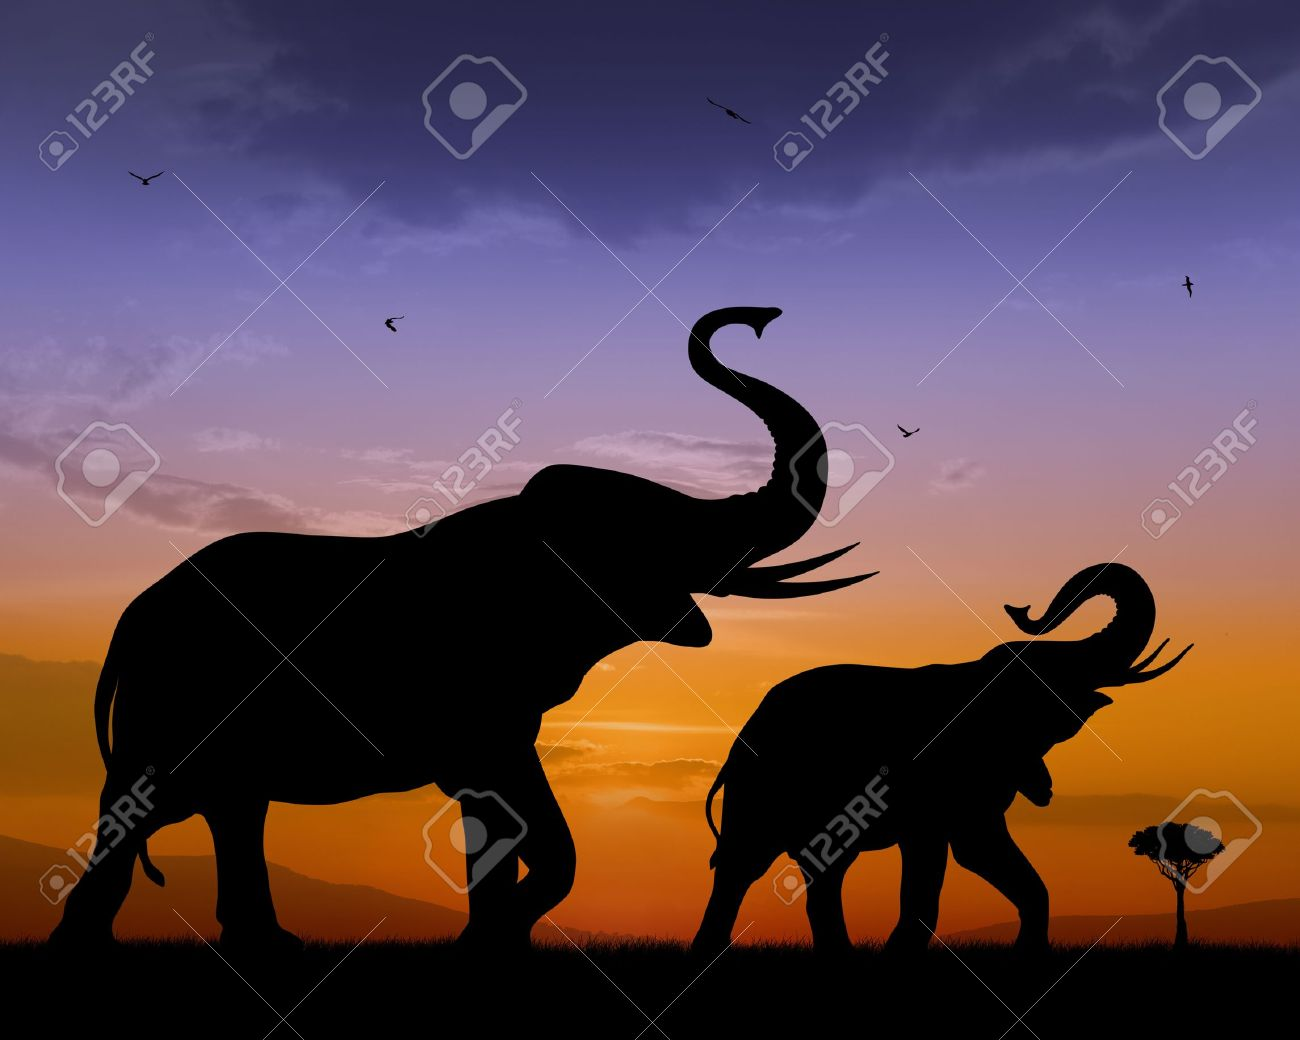 Couple of elephants on sunset bacckground Stock Photo - 12194212